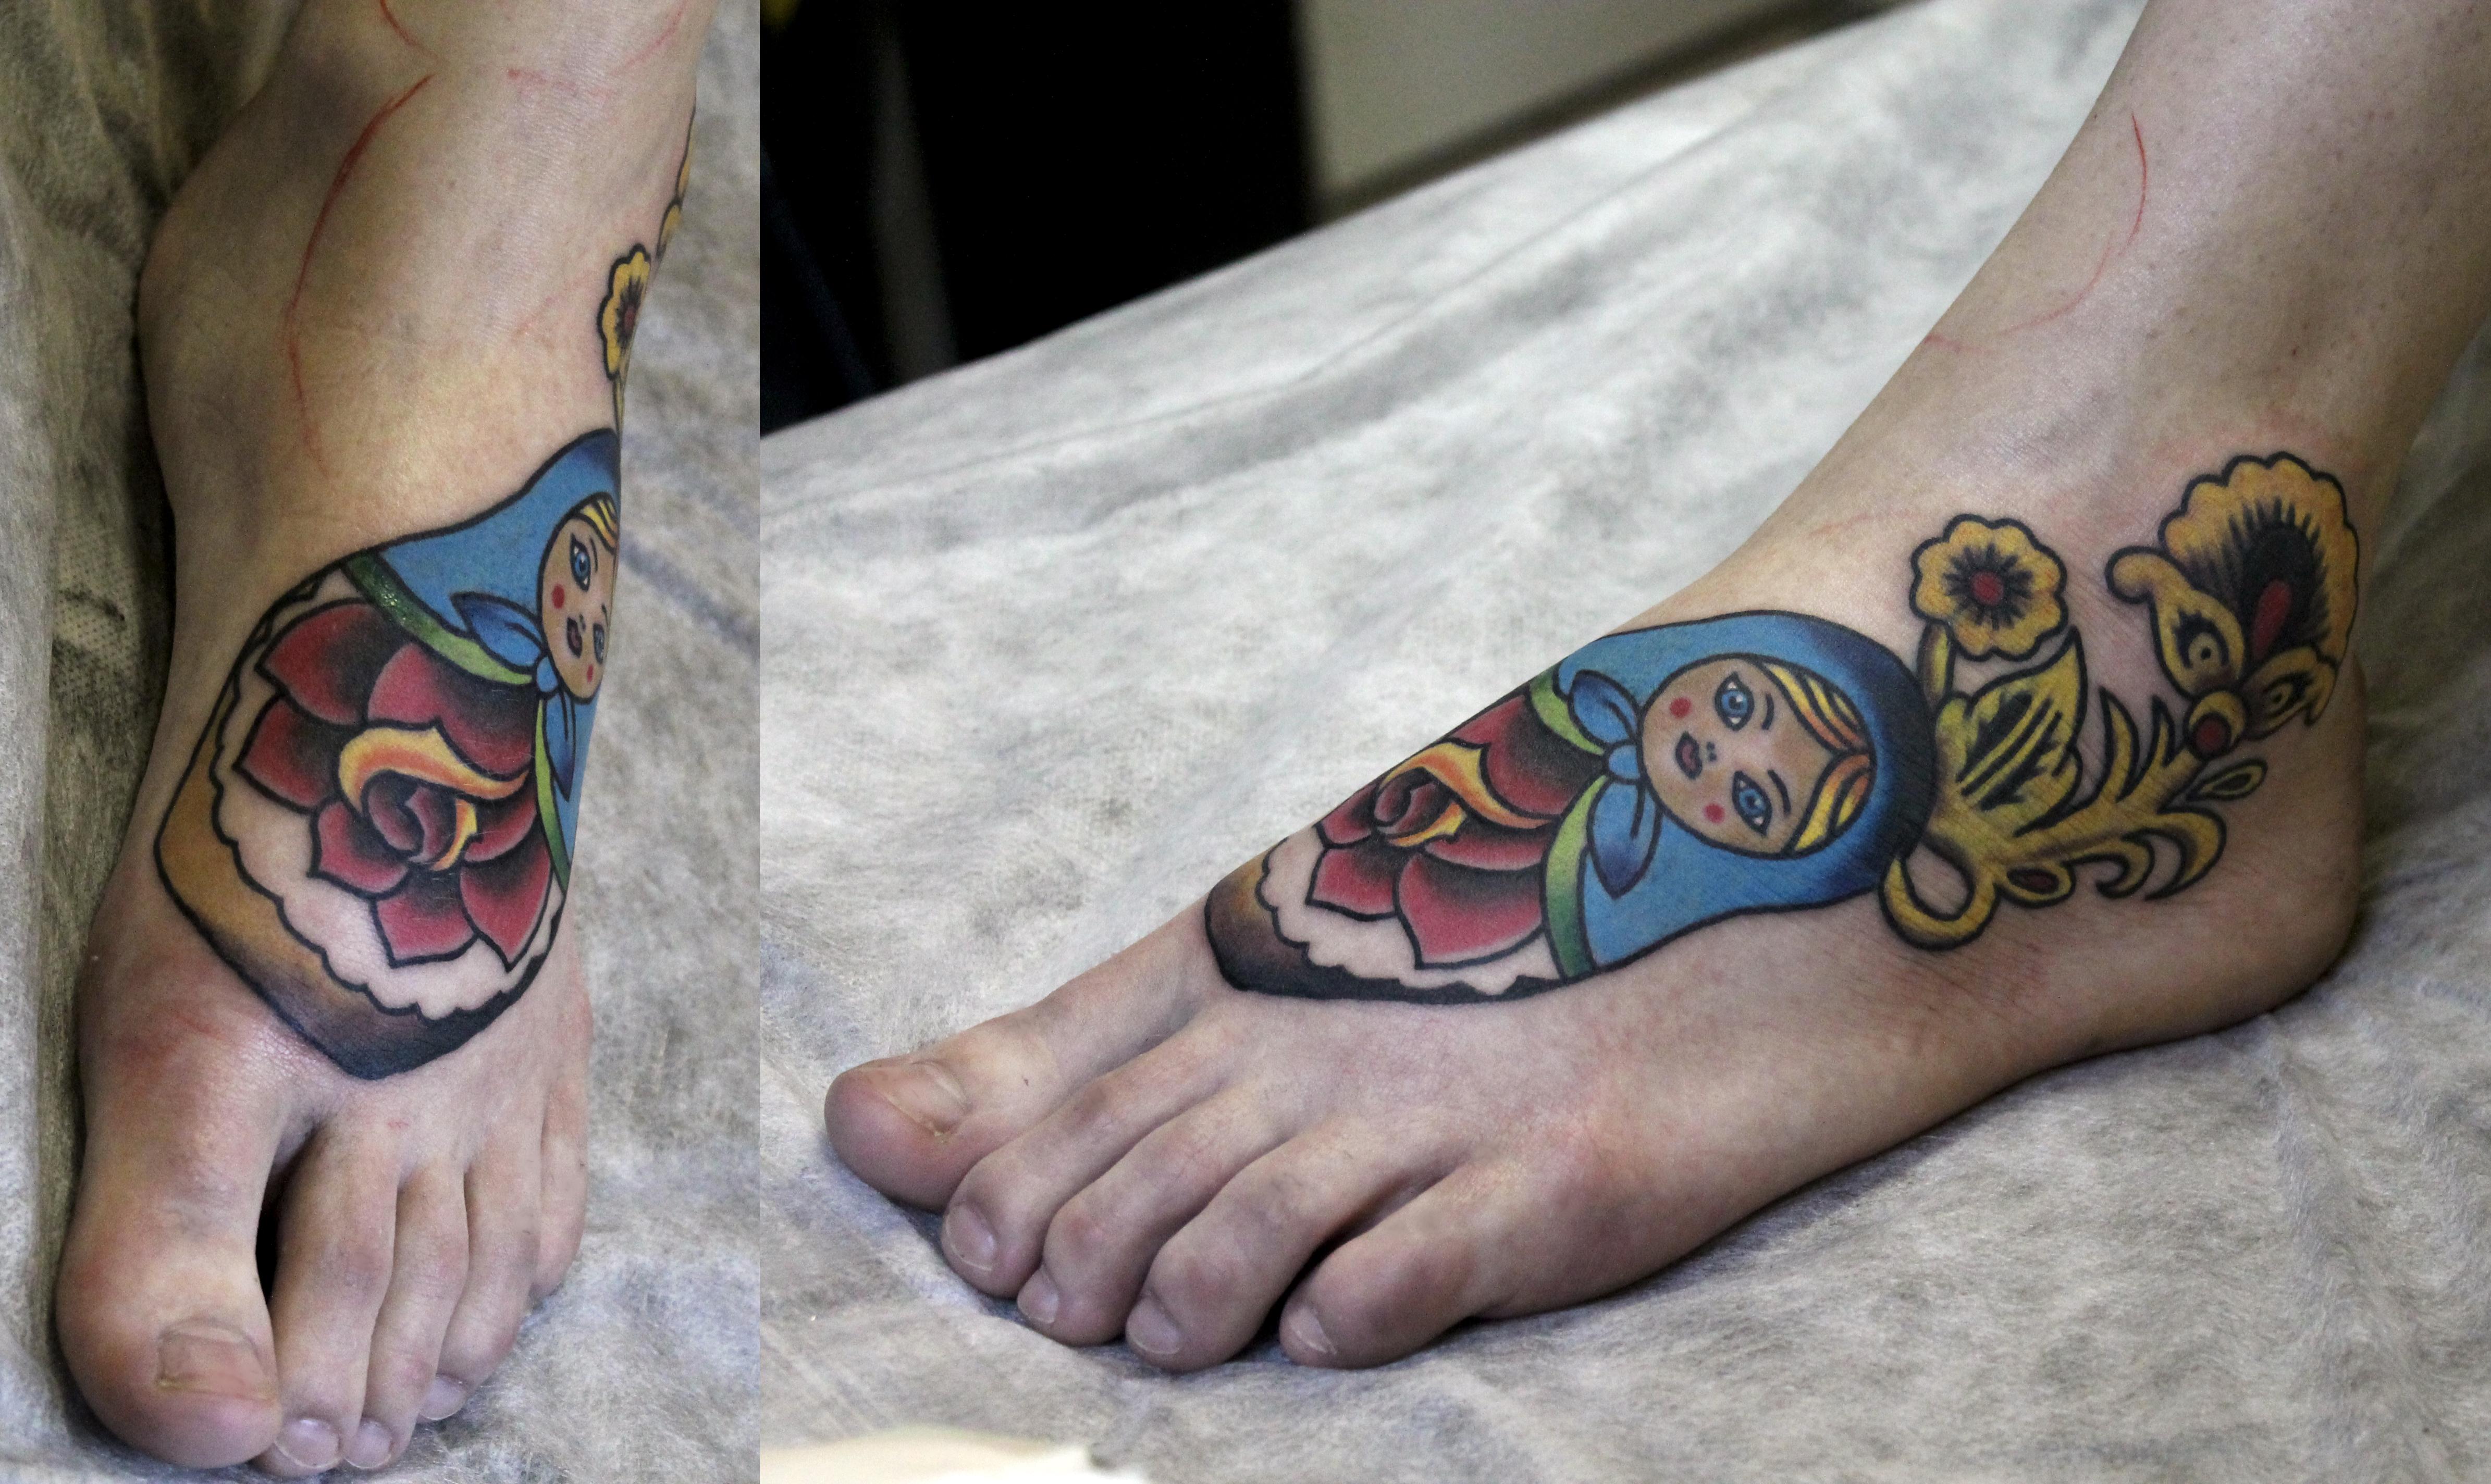 """Художественная татуировка """"Матрёшка"""". Мастер Евгений """"Химик"""" Булгаков. Расположение: нога."""